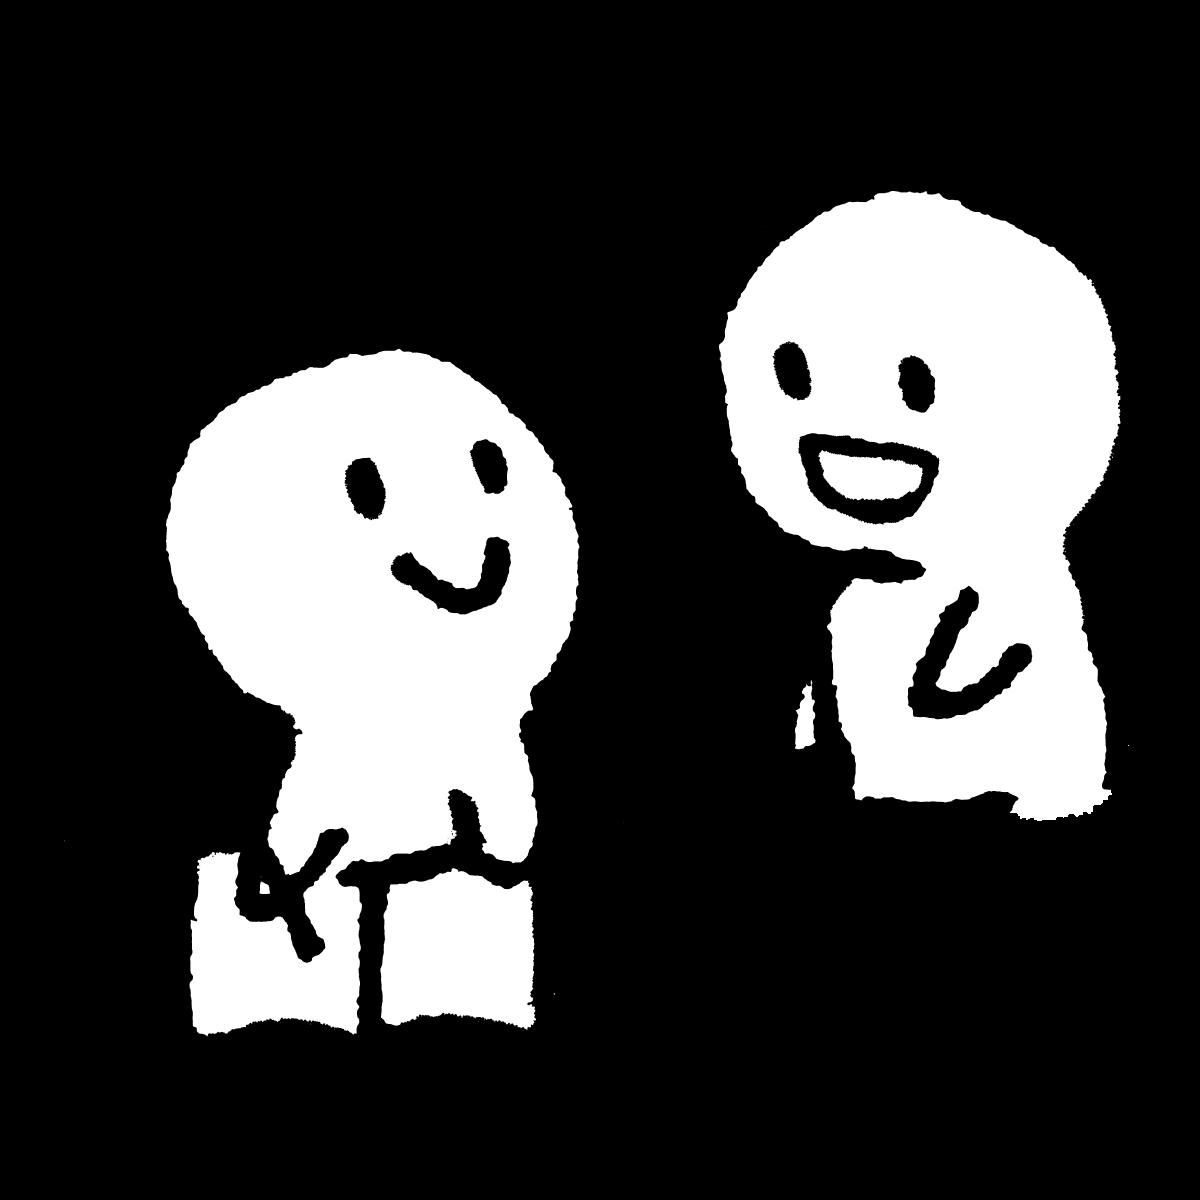 アドバイスを聞くのイラスト Get advice from  Illustration